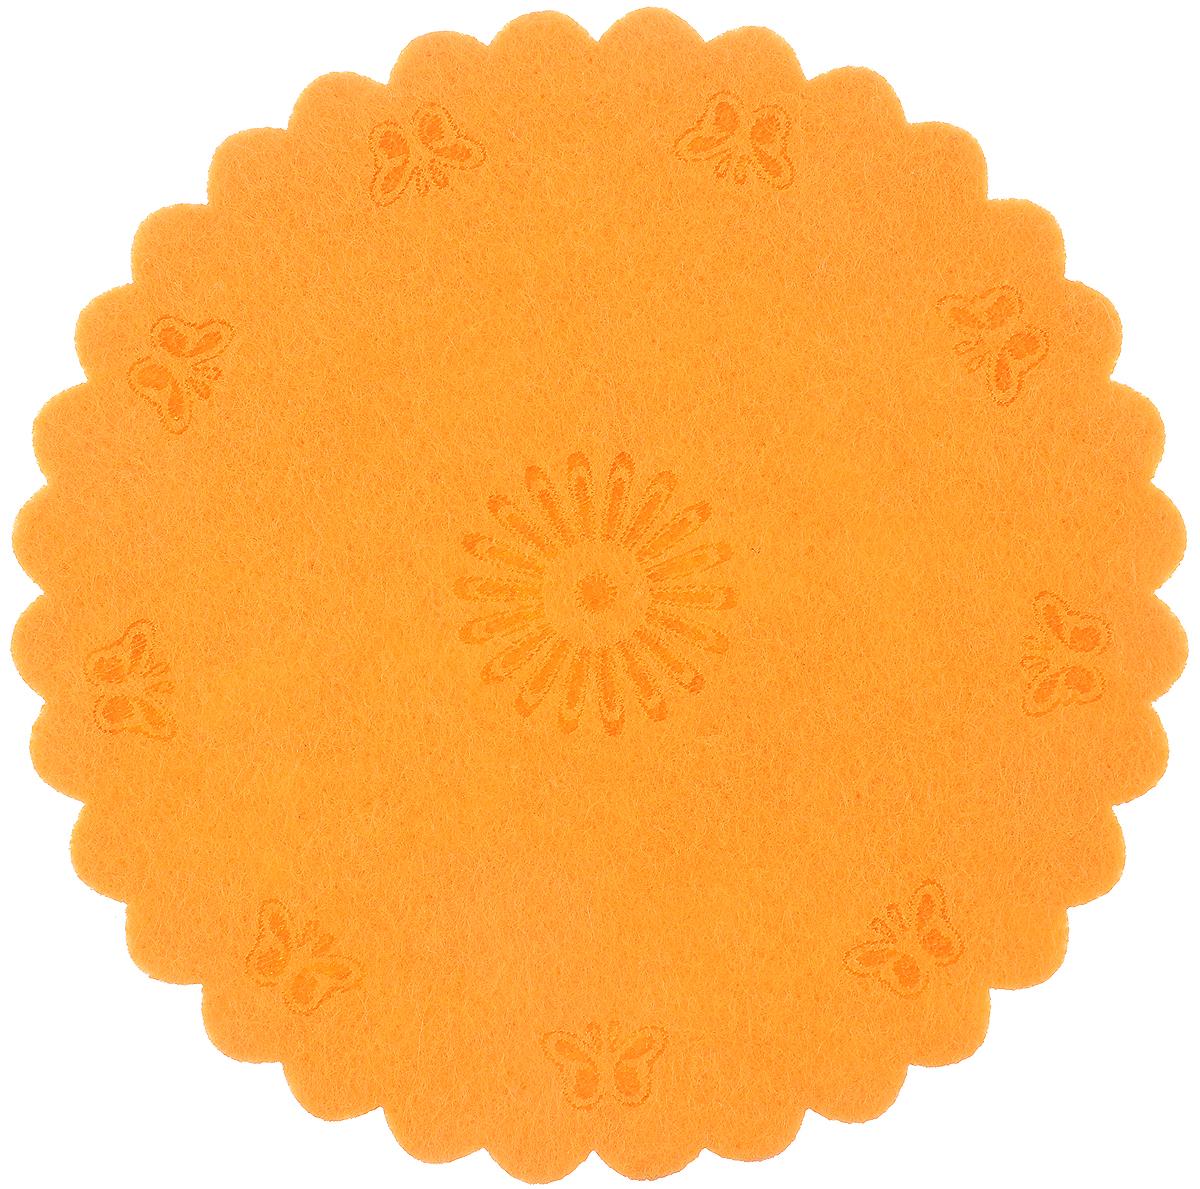 Украшение декоративное RTO Круг, цвет: оранжевый, диаметр 12 см украшение декоративное музыка ветра цвет коричневый 3330041